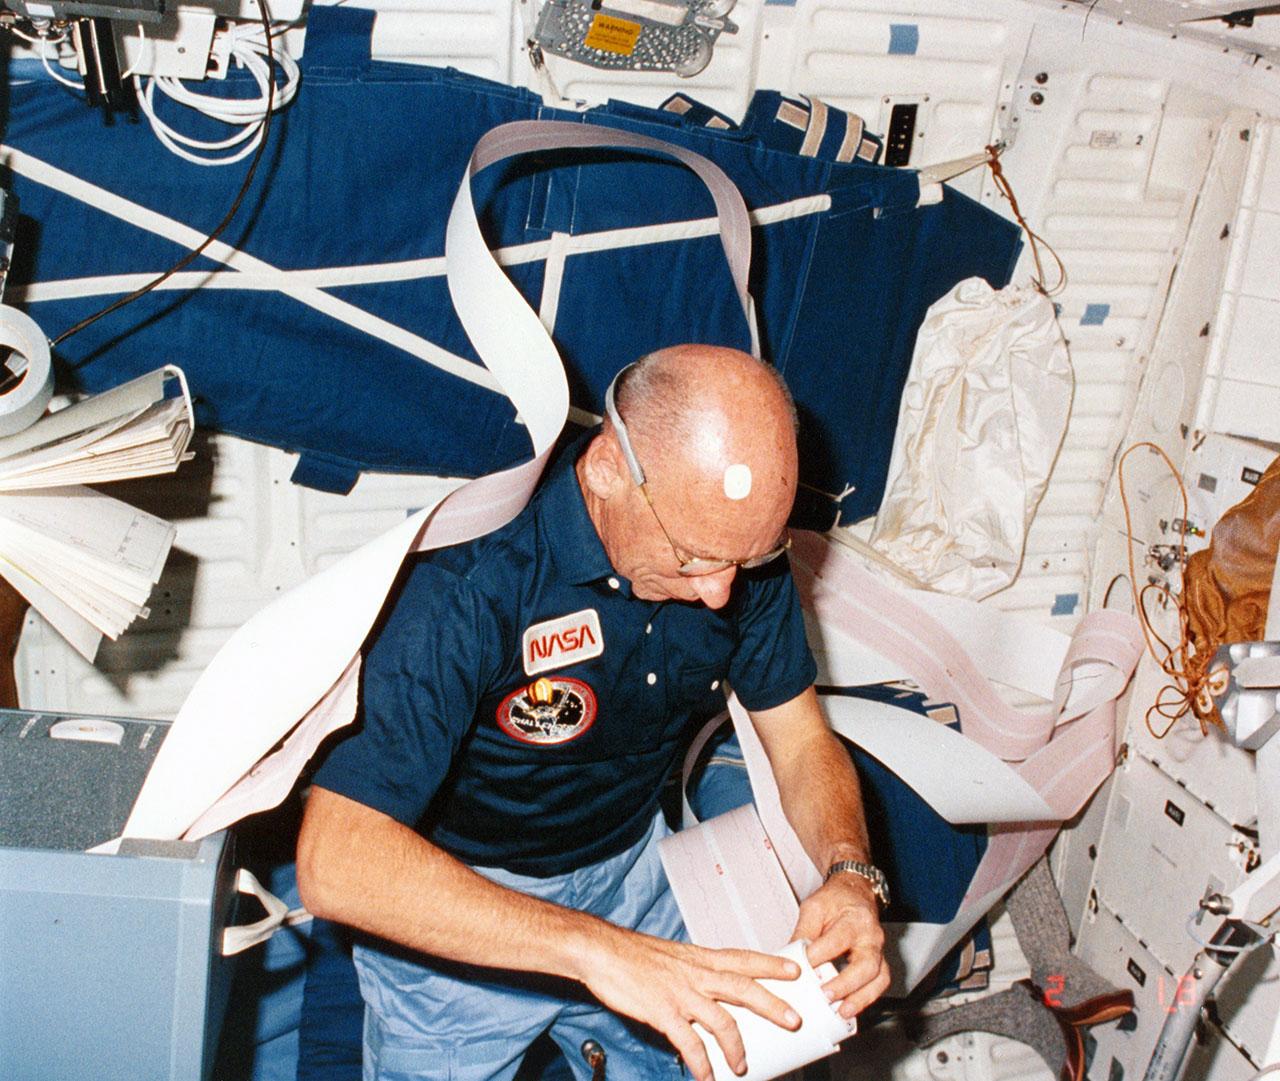 Bill Thornton, spécialiste de la mission STS-8, travaille avec un rouleau de papier télétype à bord de la navette spatiale Challenger en 1983.